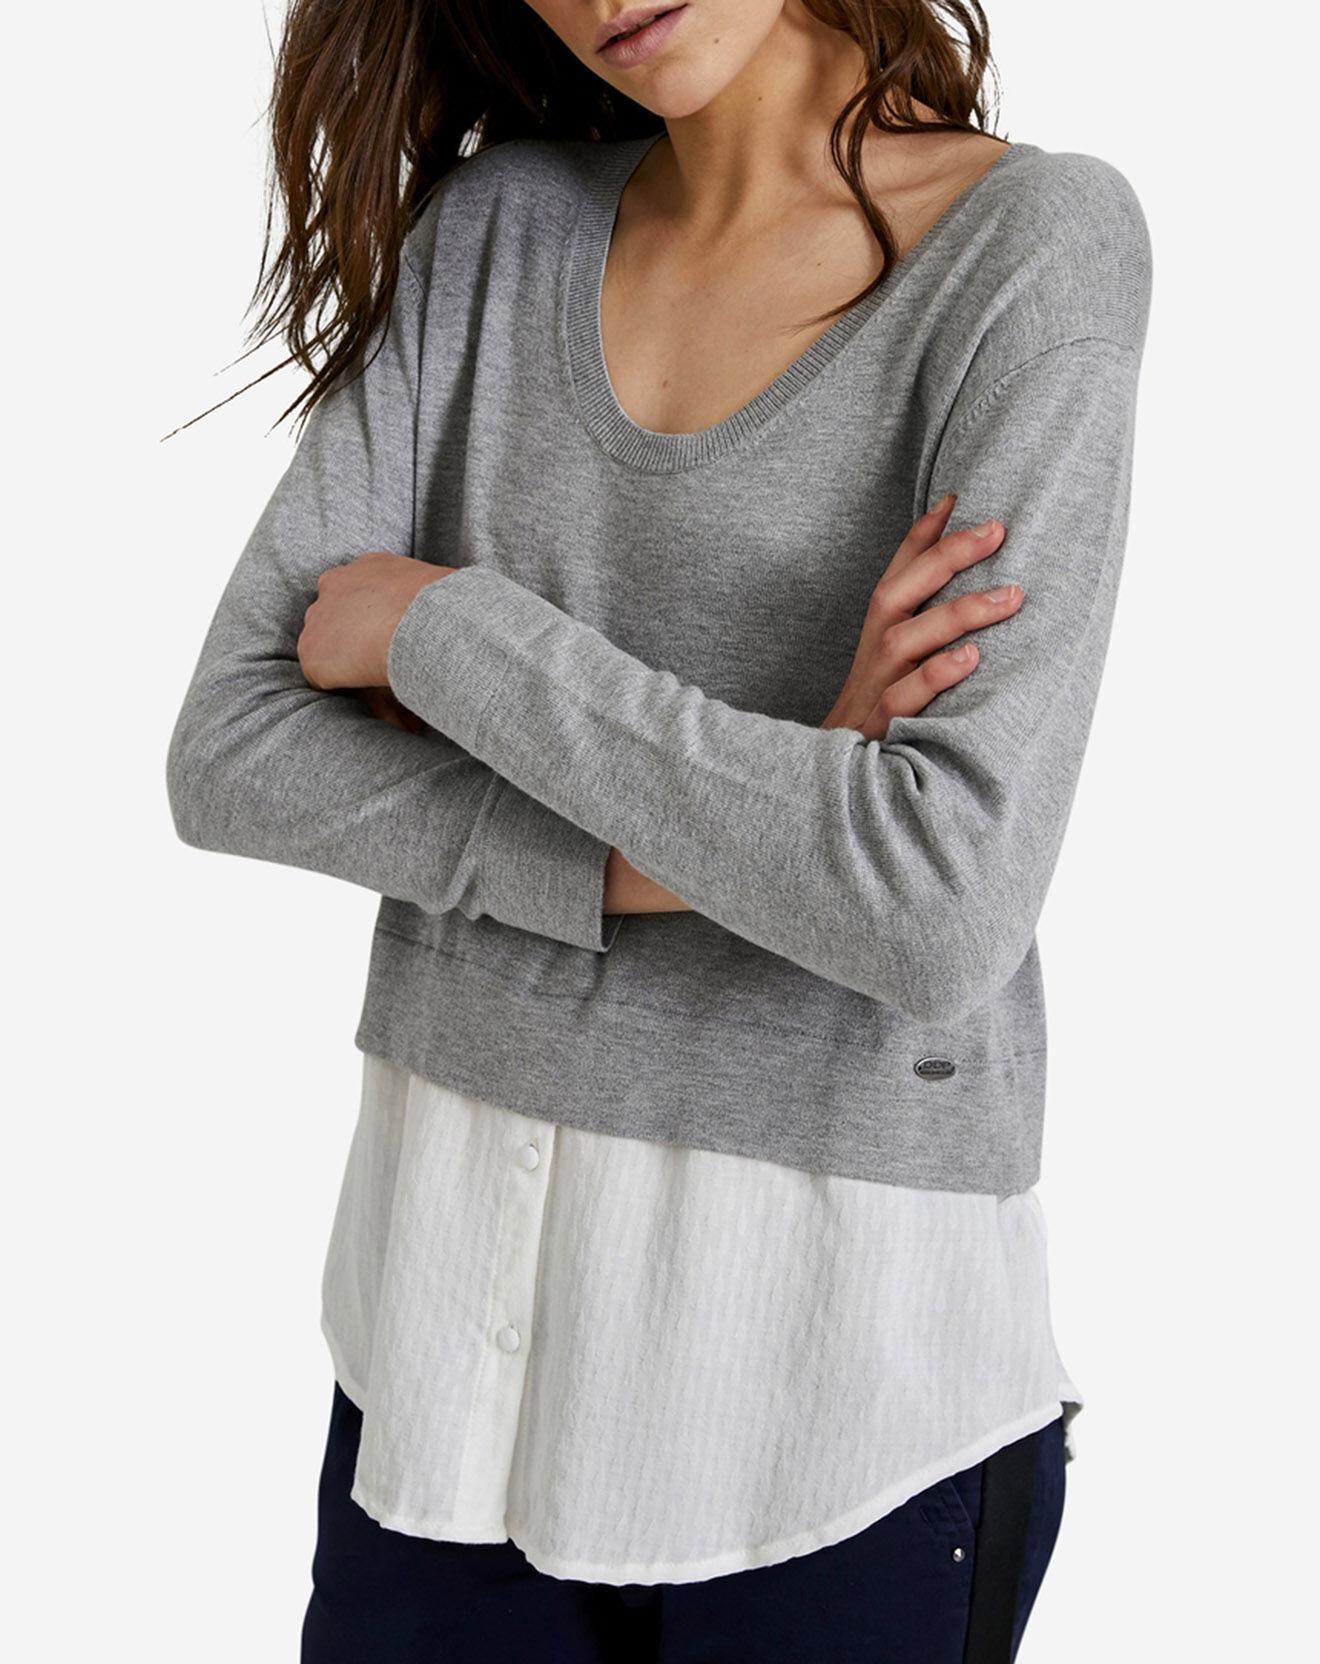 Pull superposé chemise gris/blanc